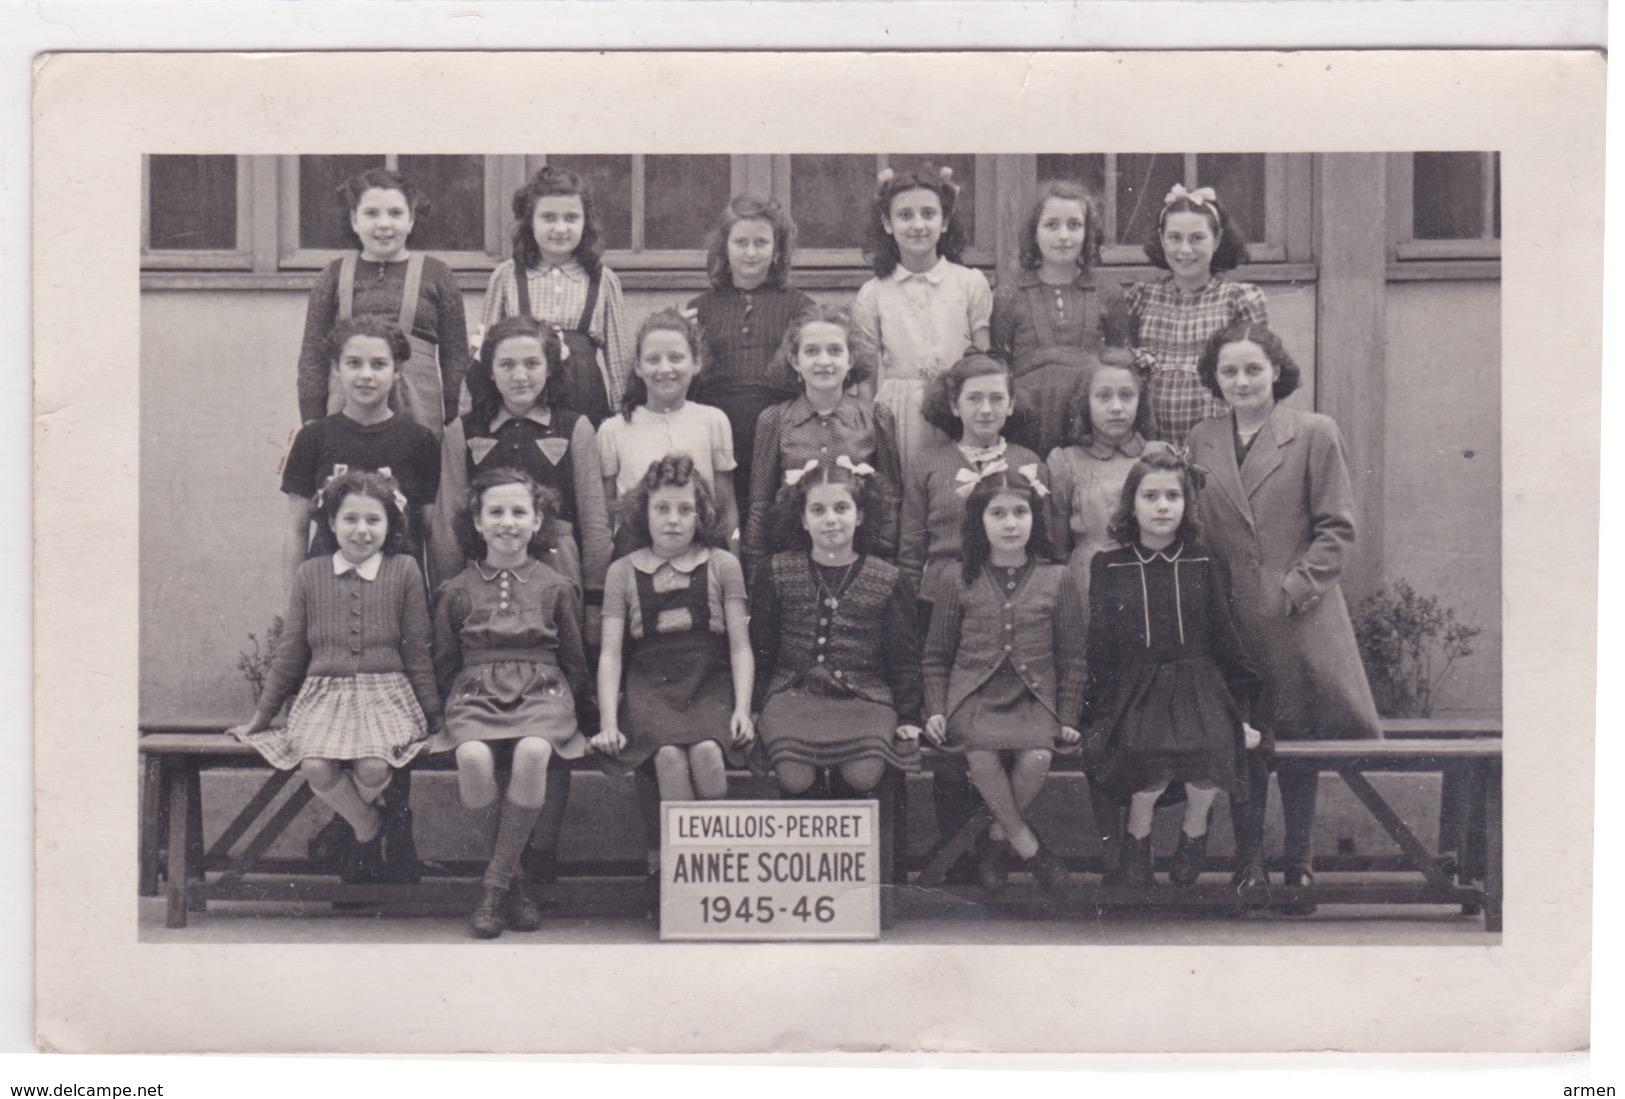 92-LEVALLOIS PERRET PHOTO DE CLASSE ÉCOLE PRIMAIRE ANNÉE 1945-46 - Schools